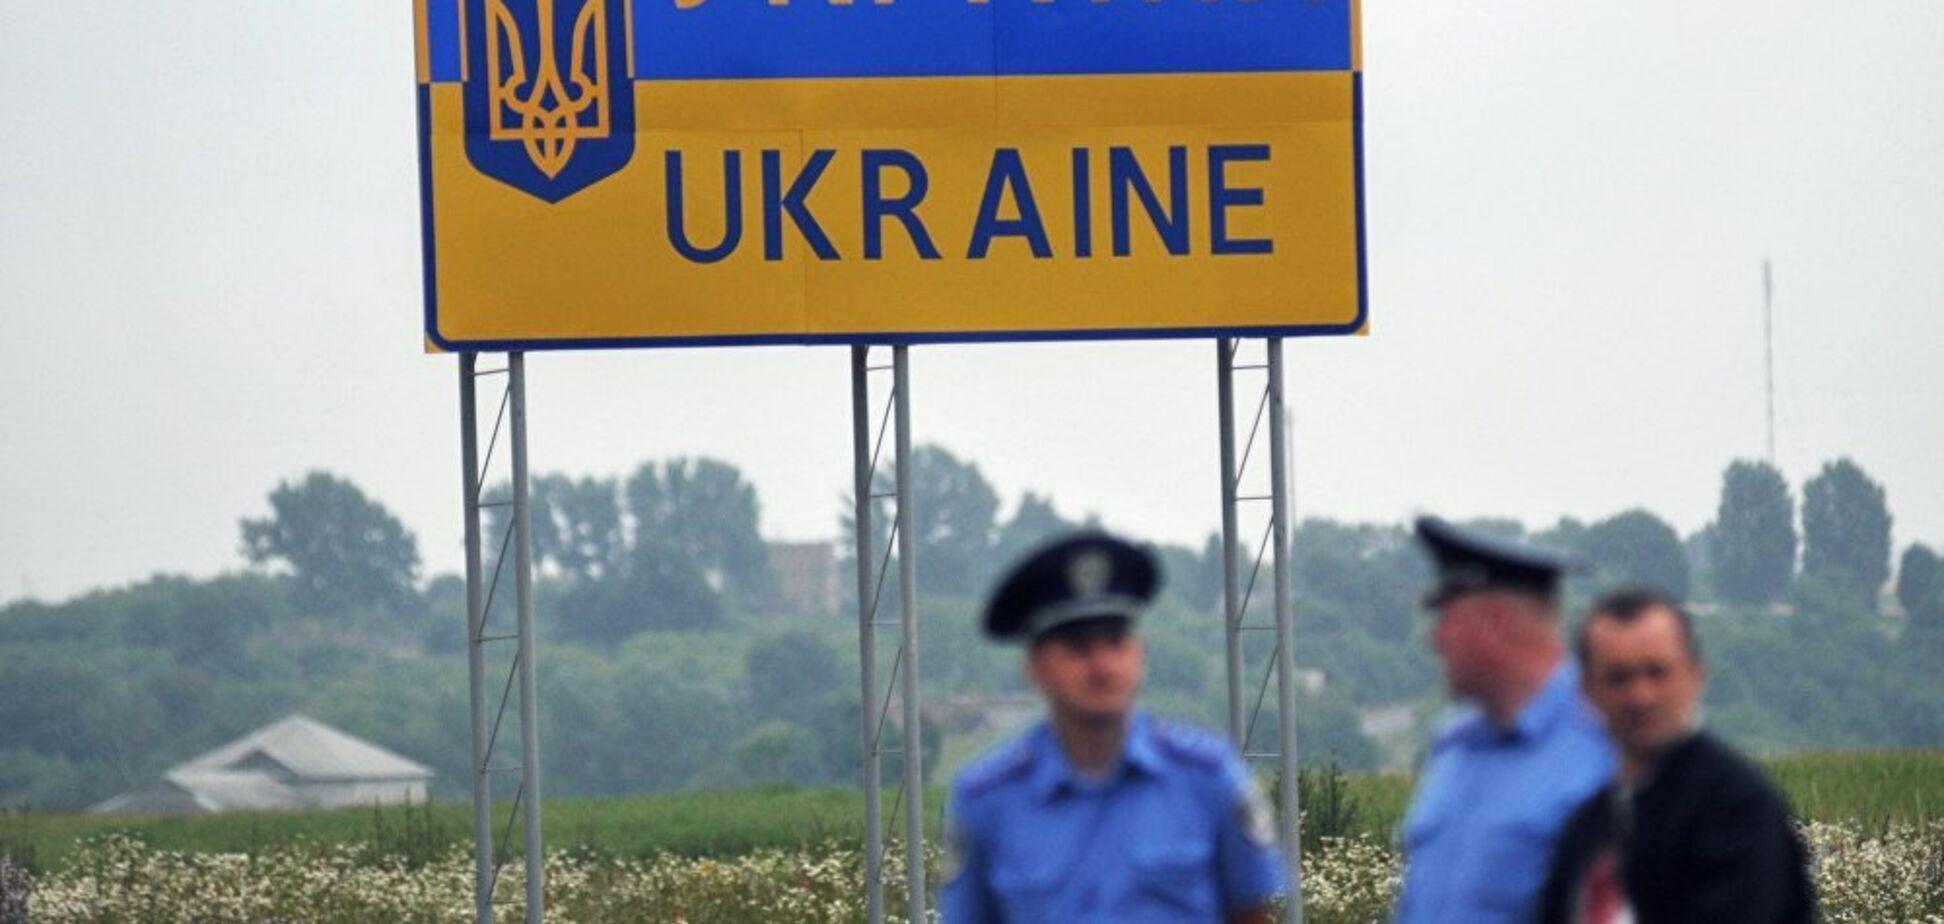 9 травня в Україні: прикордонники повідомили про перші інциденти на кордоні